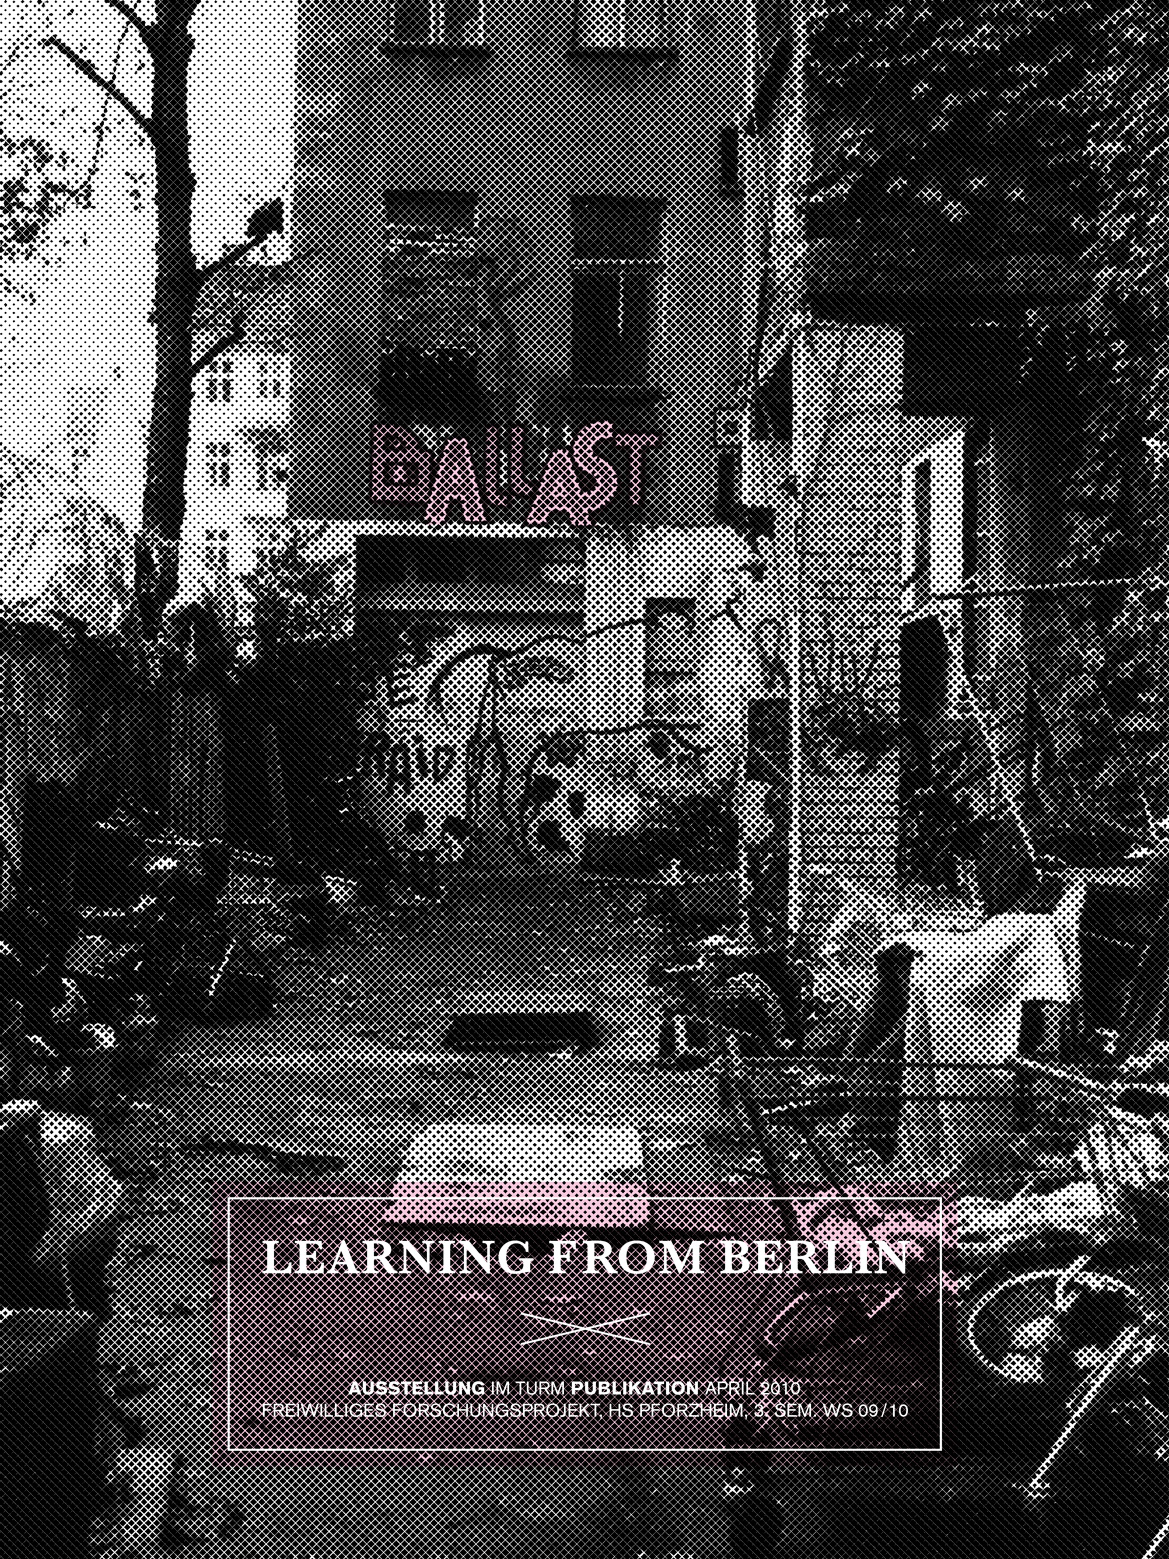 Urban-Manegold-Learning-from-Berlin-Design-Prozess-Magazin-Ausstellung-Plakat-SocialStudies-Gentrifikation-LFB-plakat7